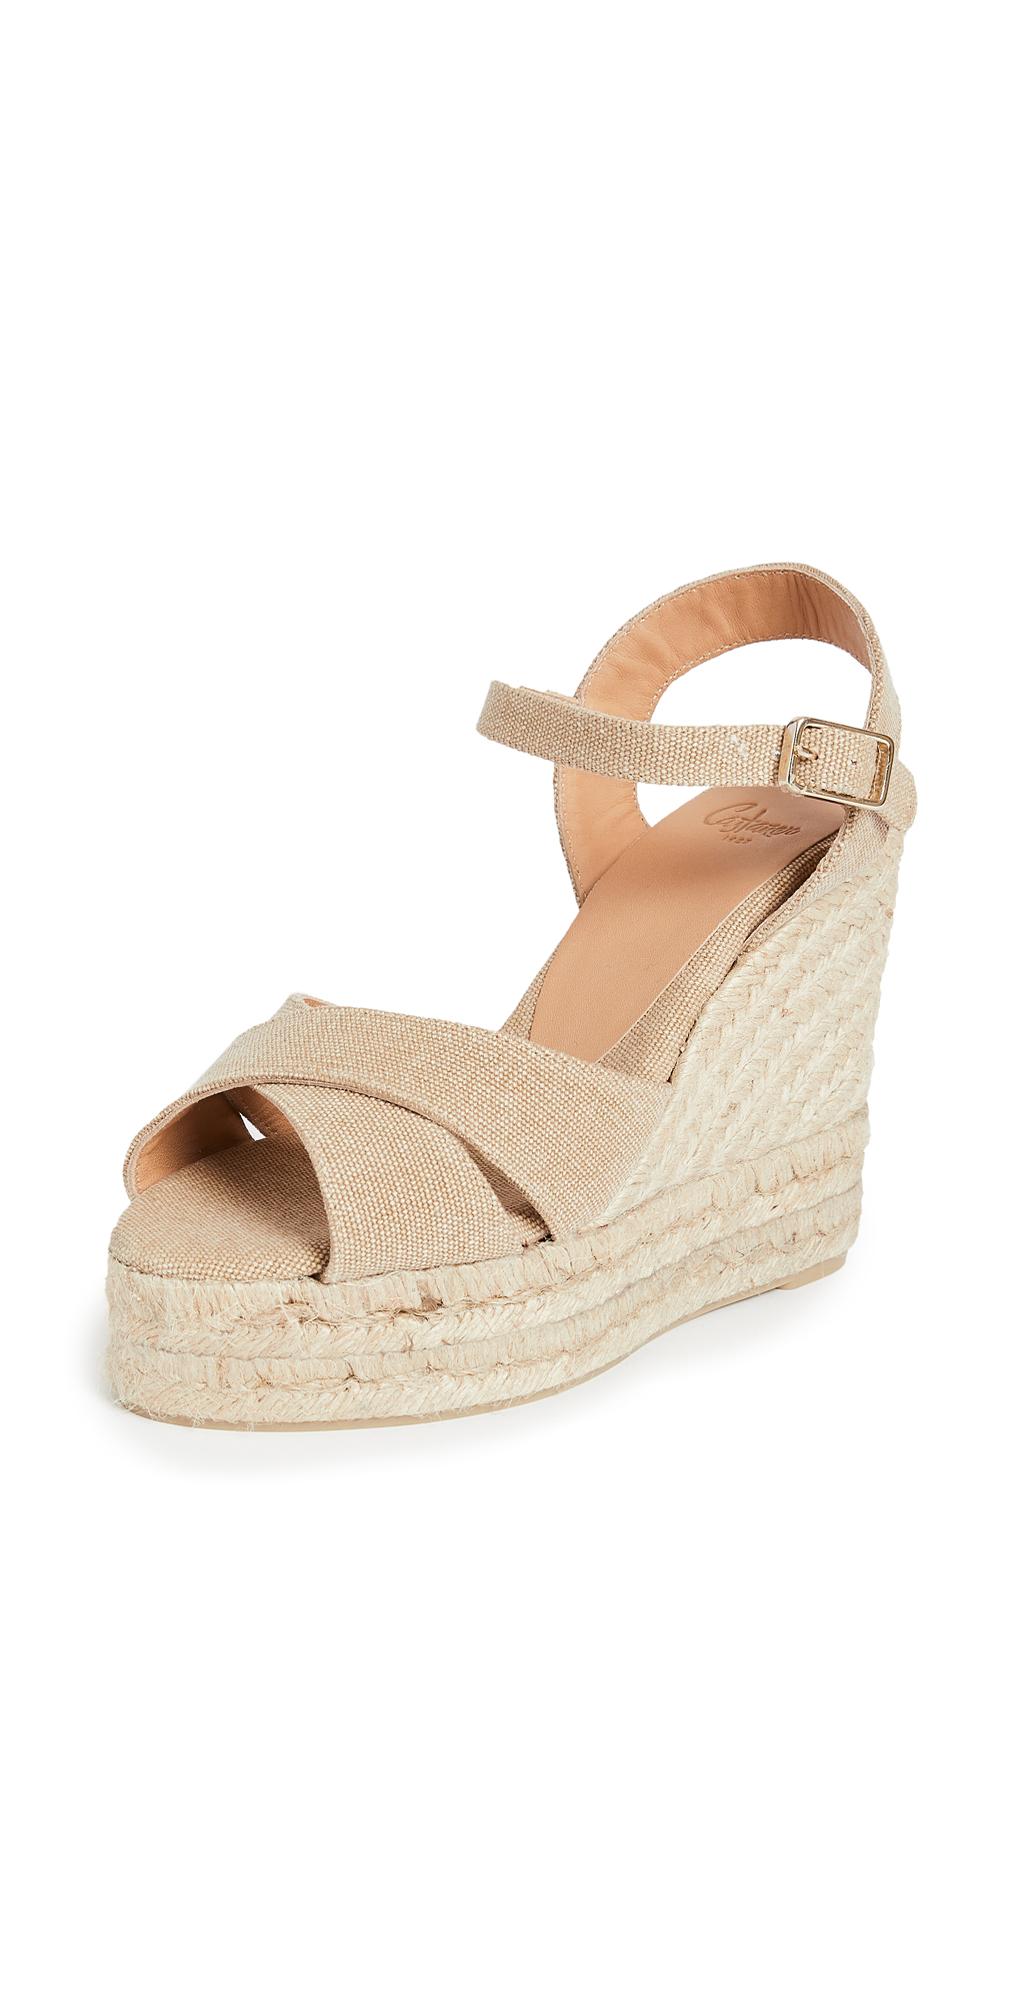 Castaner Blaudell Espadrille Wedge Sandals